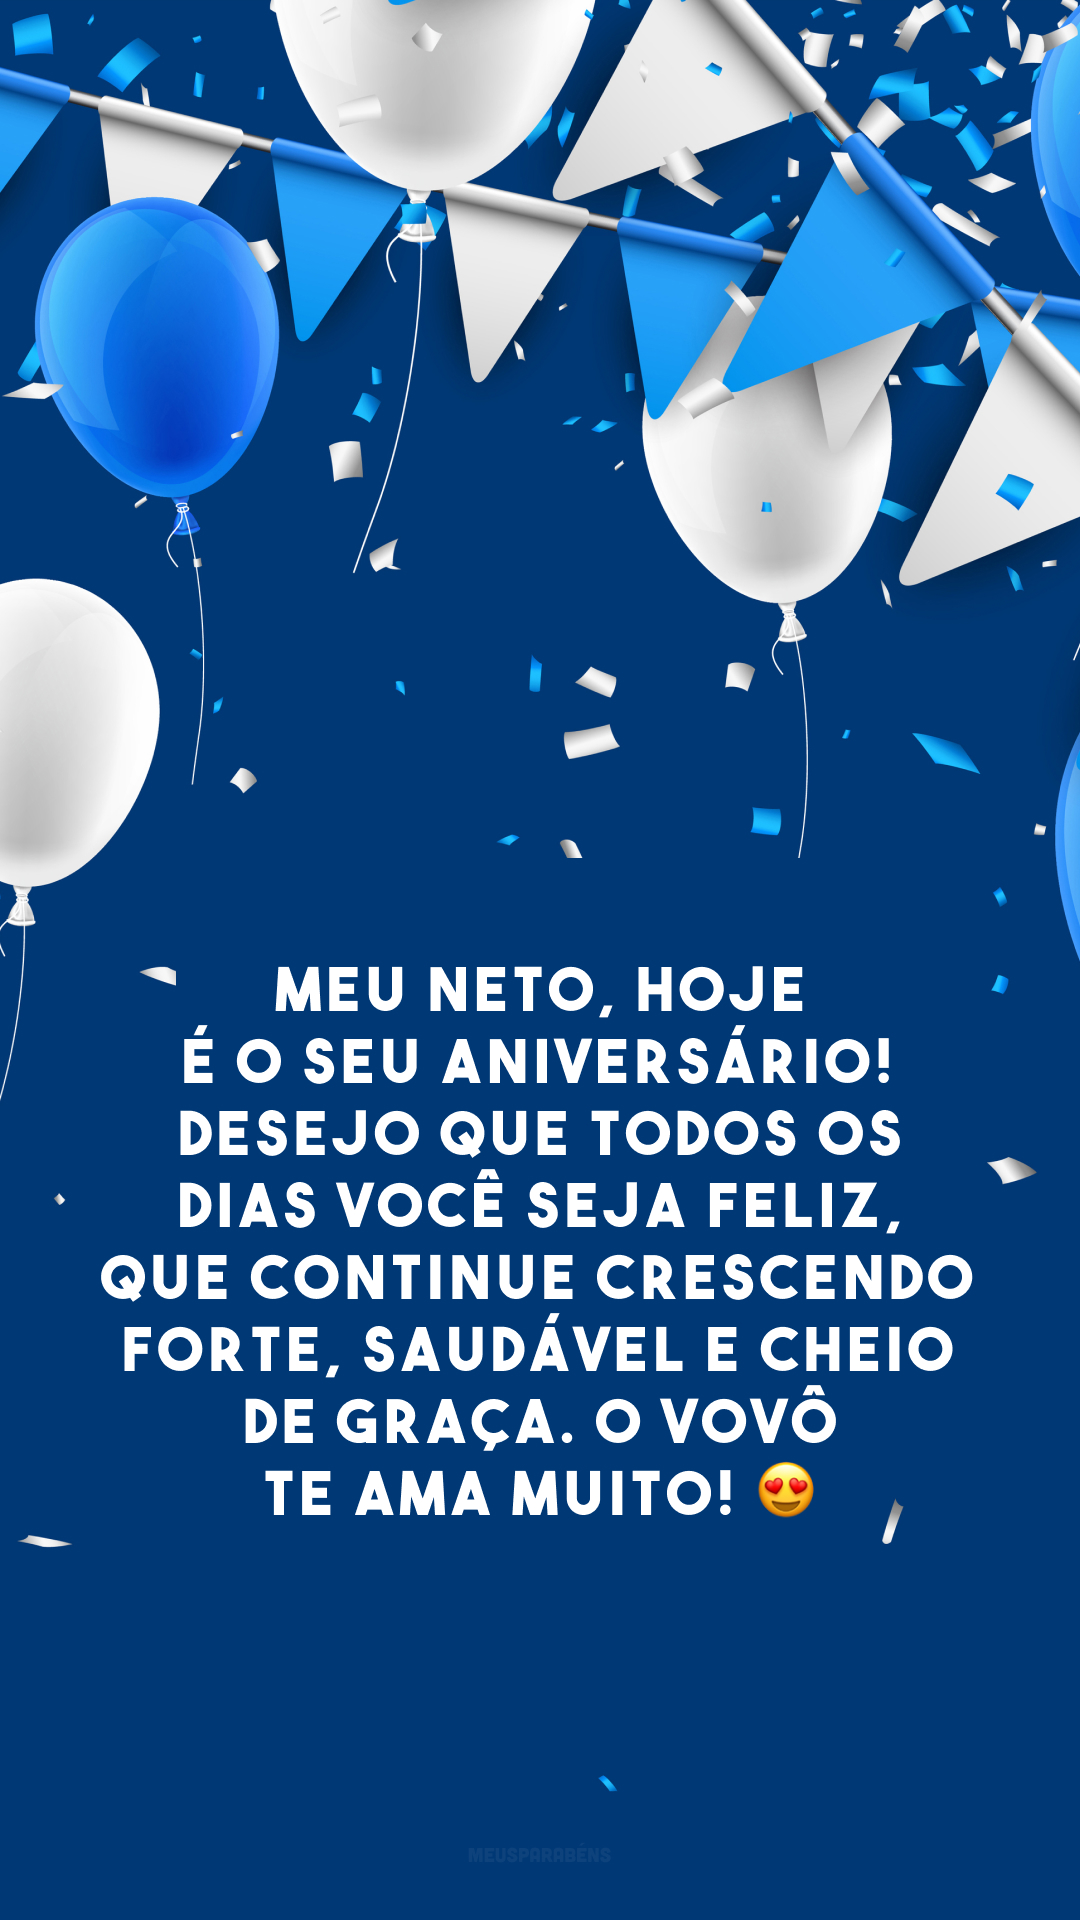 Meu neto, hoje é o seu aniversário! Desejo que todos os dias você seja feliz, que continue crescendo forte, saudável e cheio de graça. O vovô te ama muito! 😍